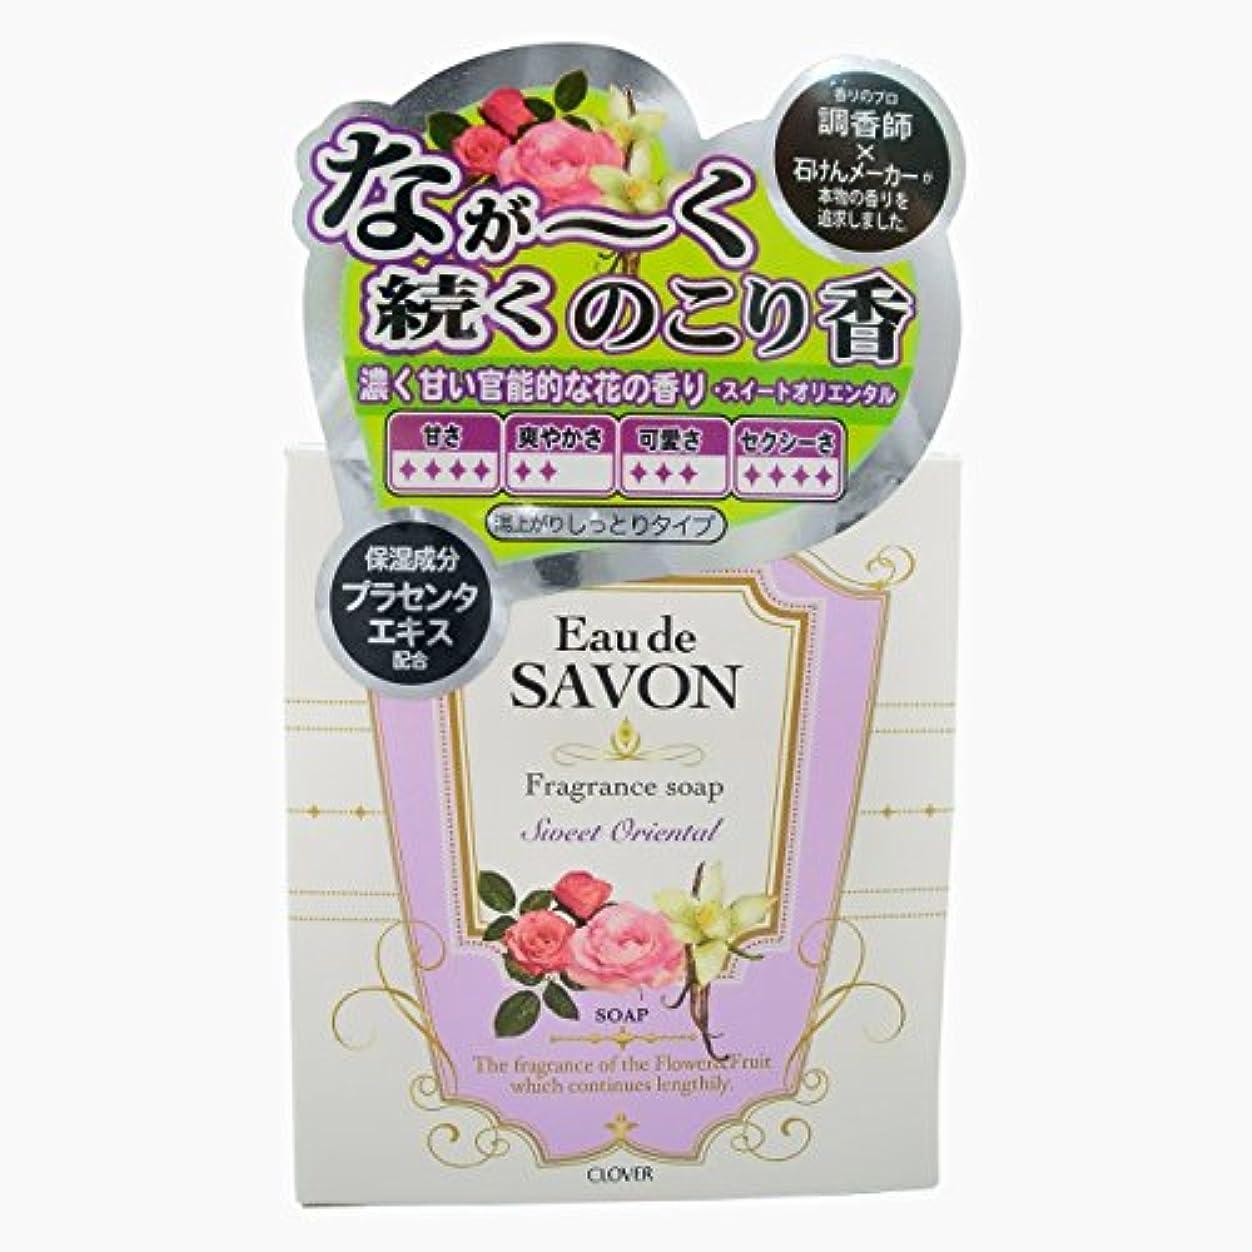 り幻想愛人オーデサボン 石けん スイートオリエンタル (100g)